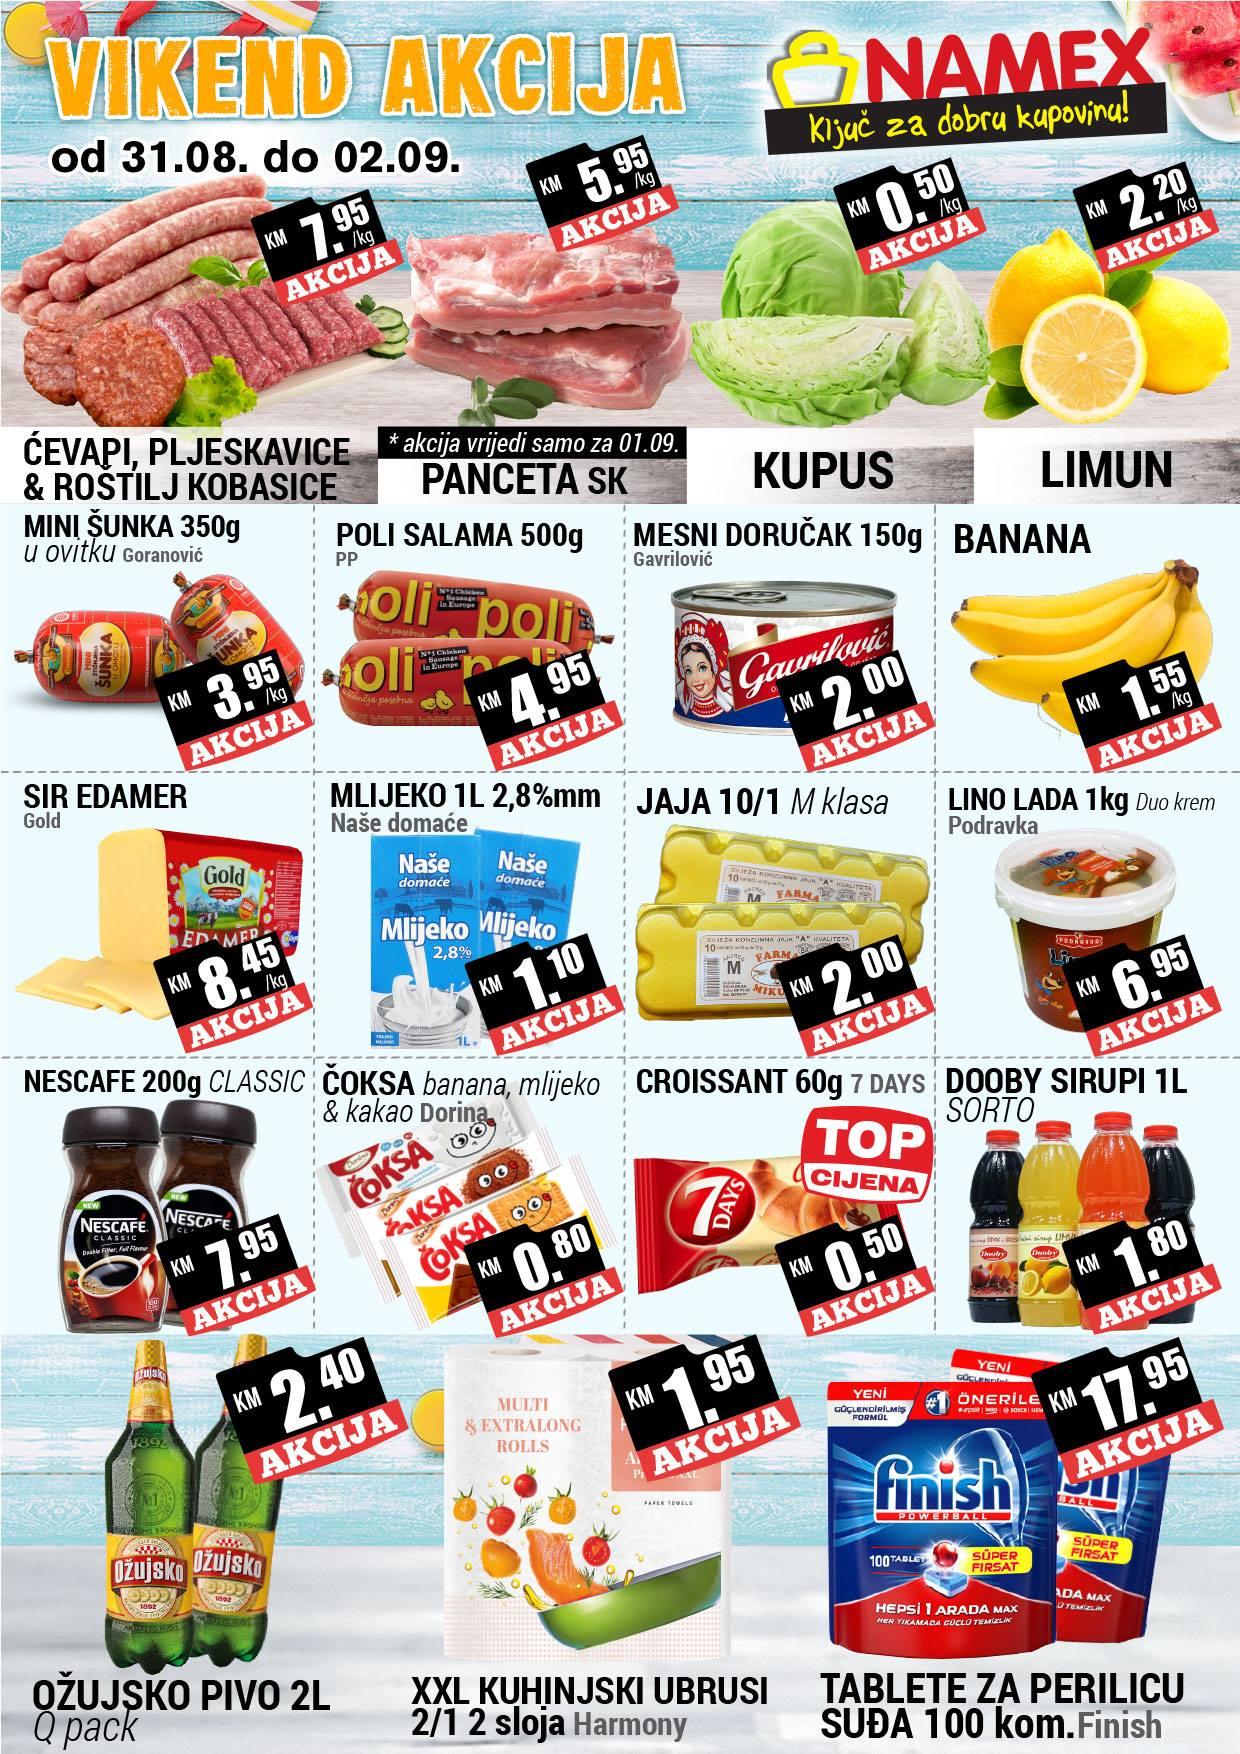 Ključ za dobru kupovinu! Nova vikend akcija od 31.08.-02.09.2018. u Namex supermarketima!